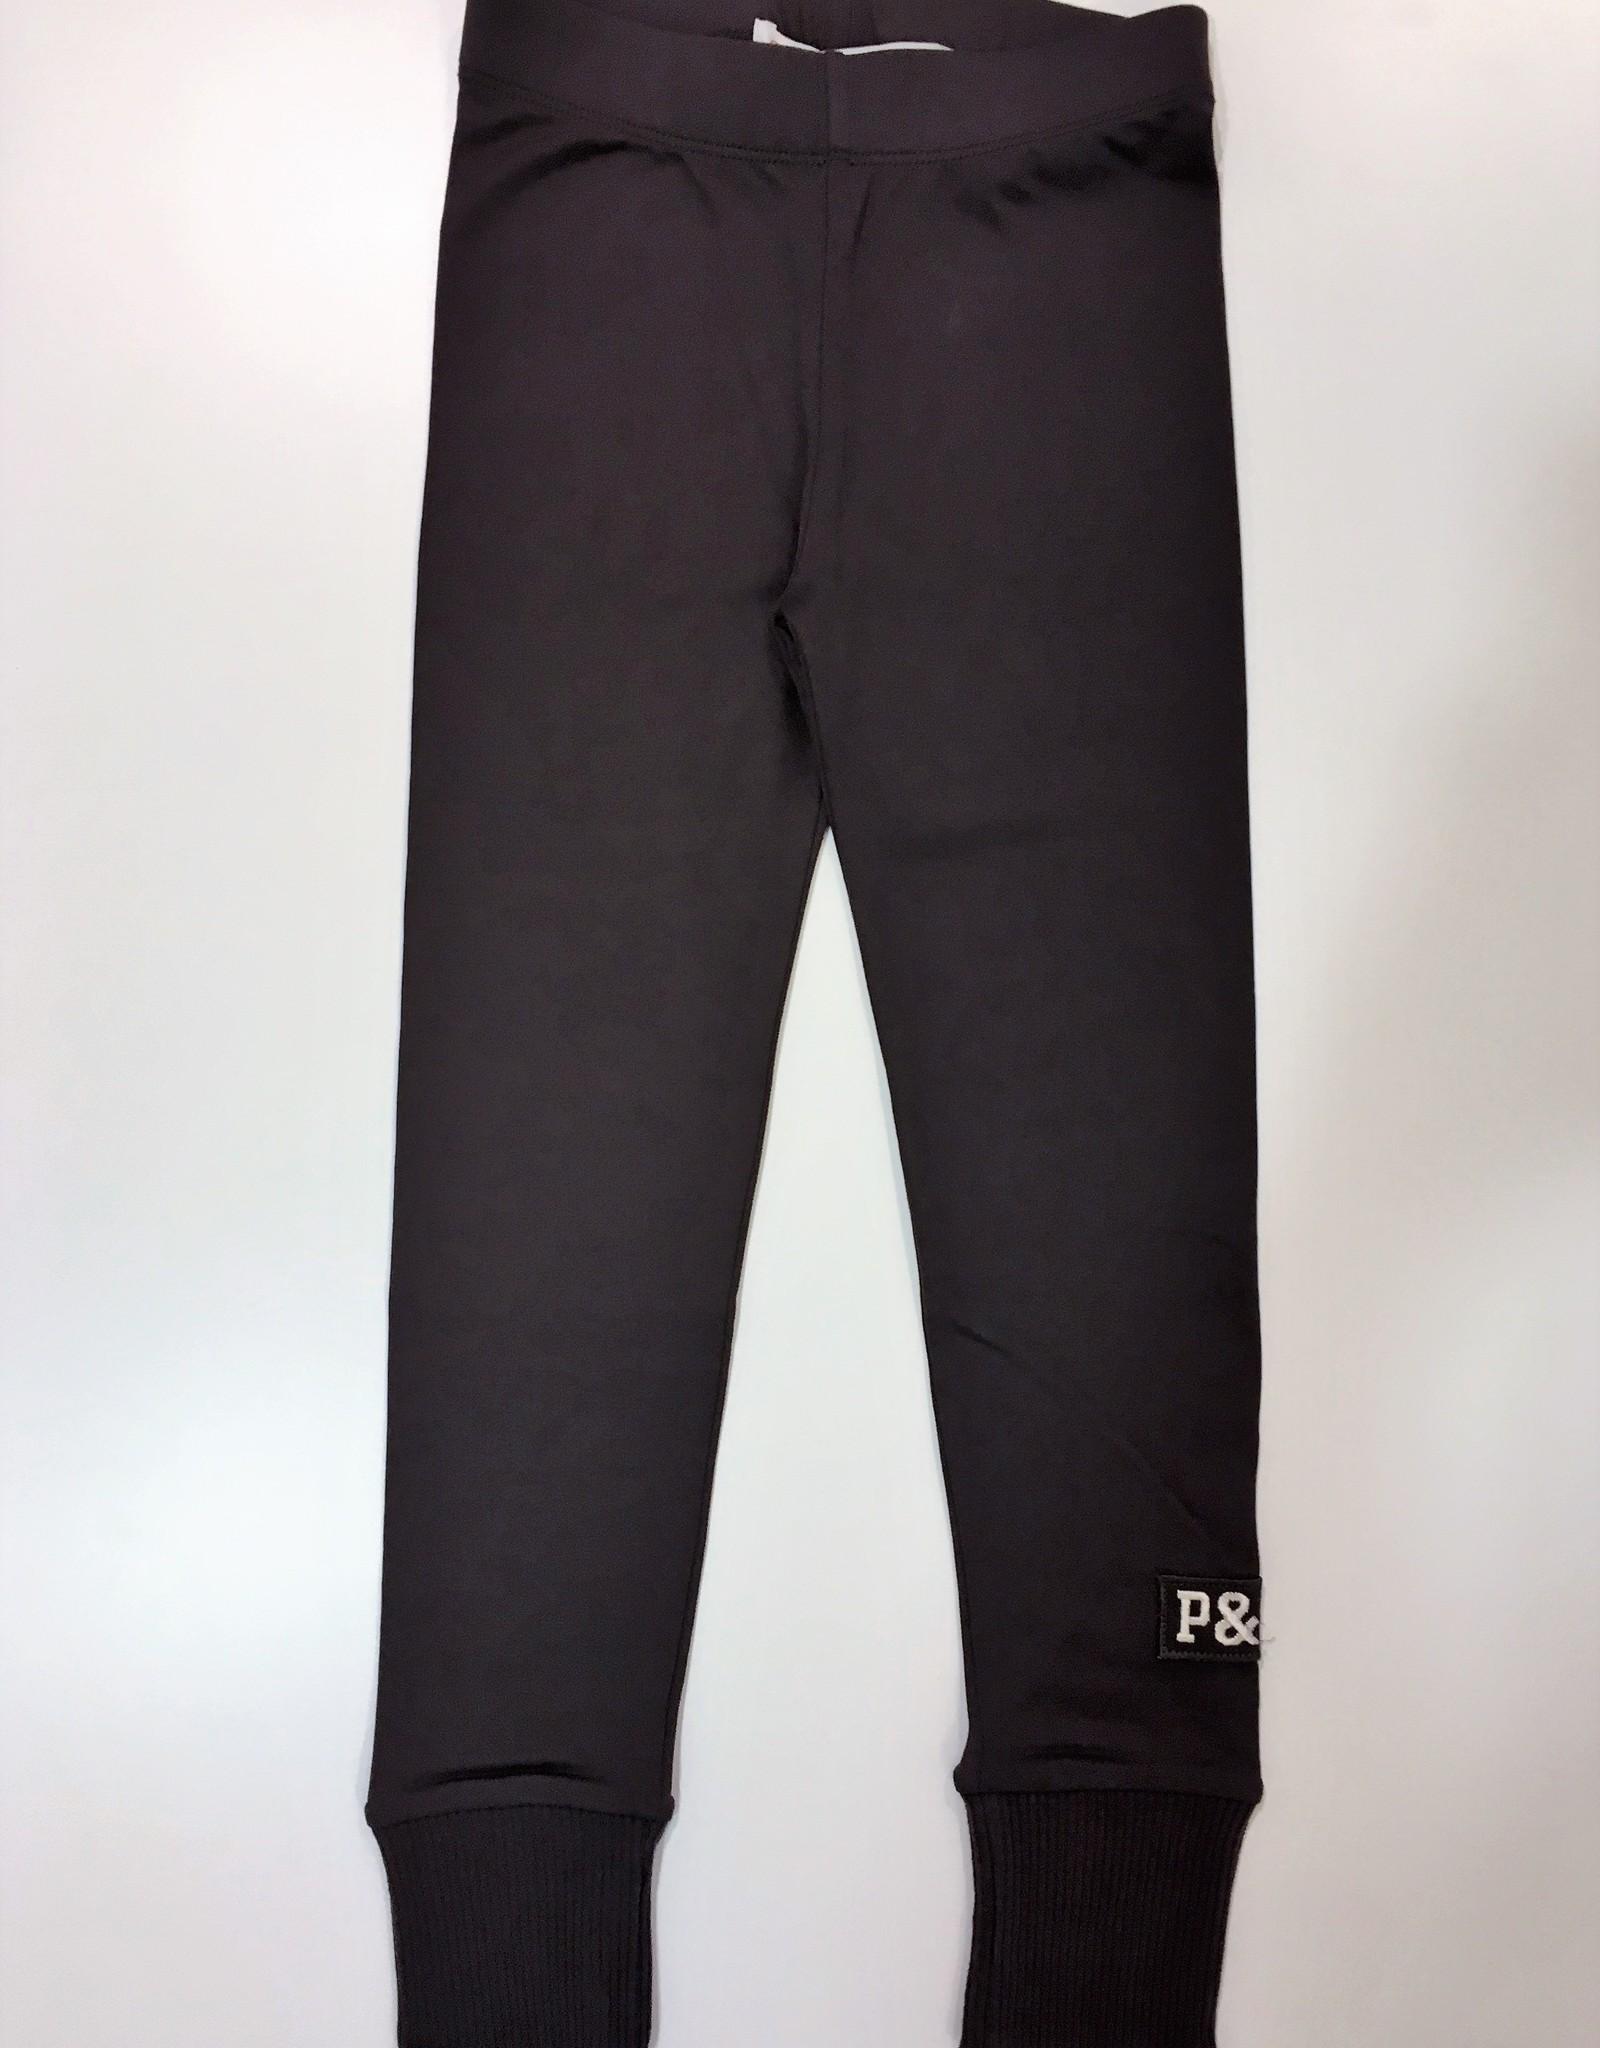 Penn & Ink N.Y. Legging Grape maat 116